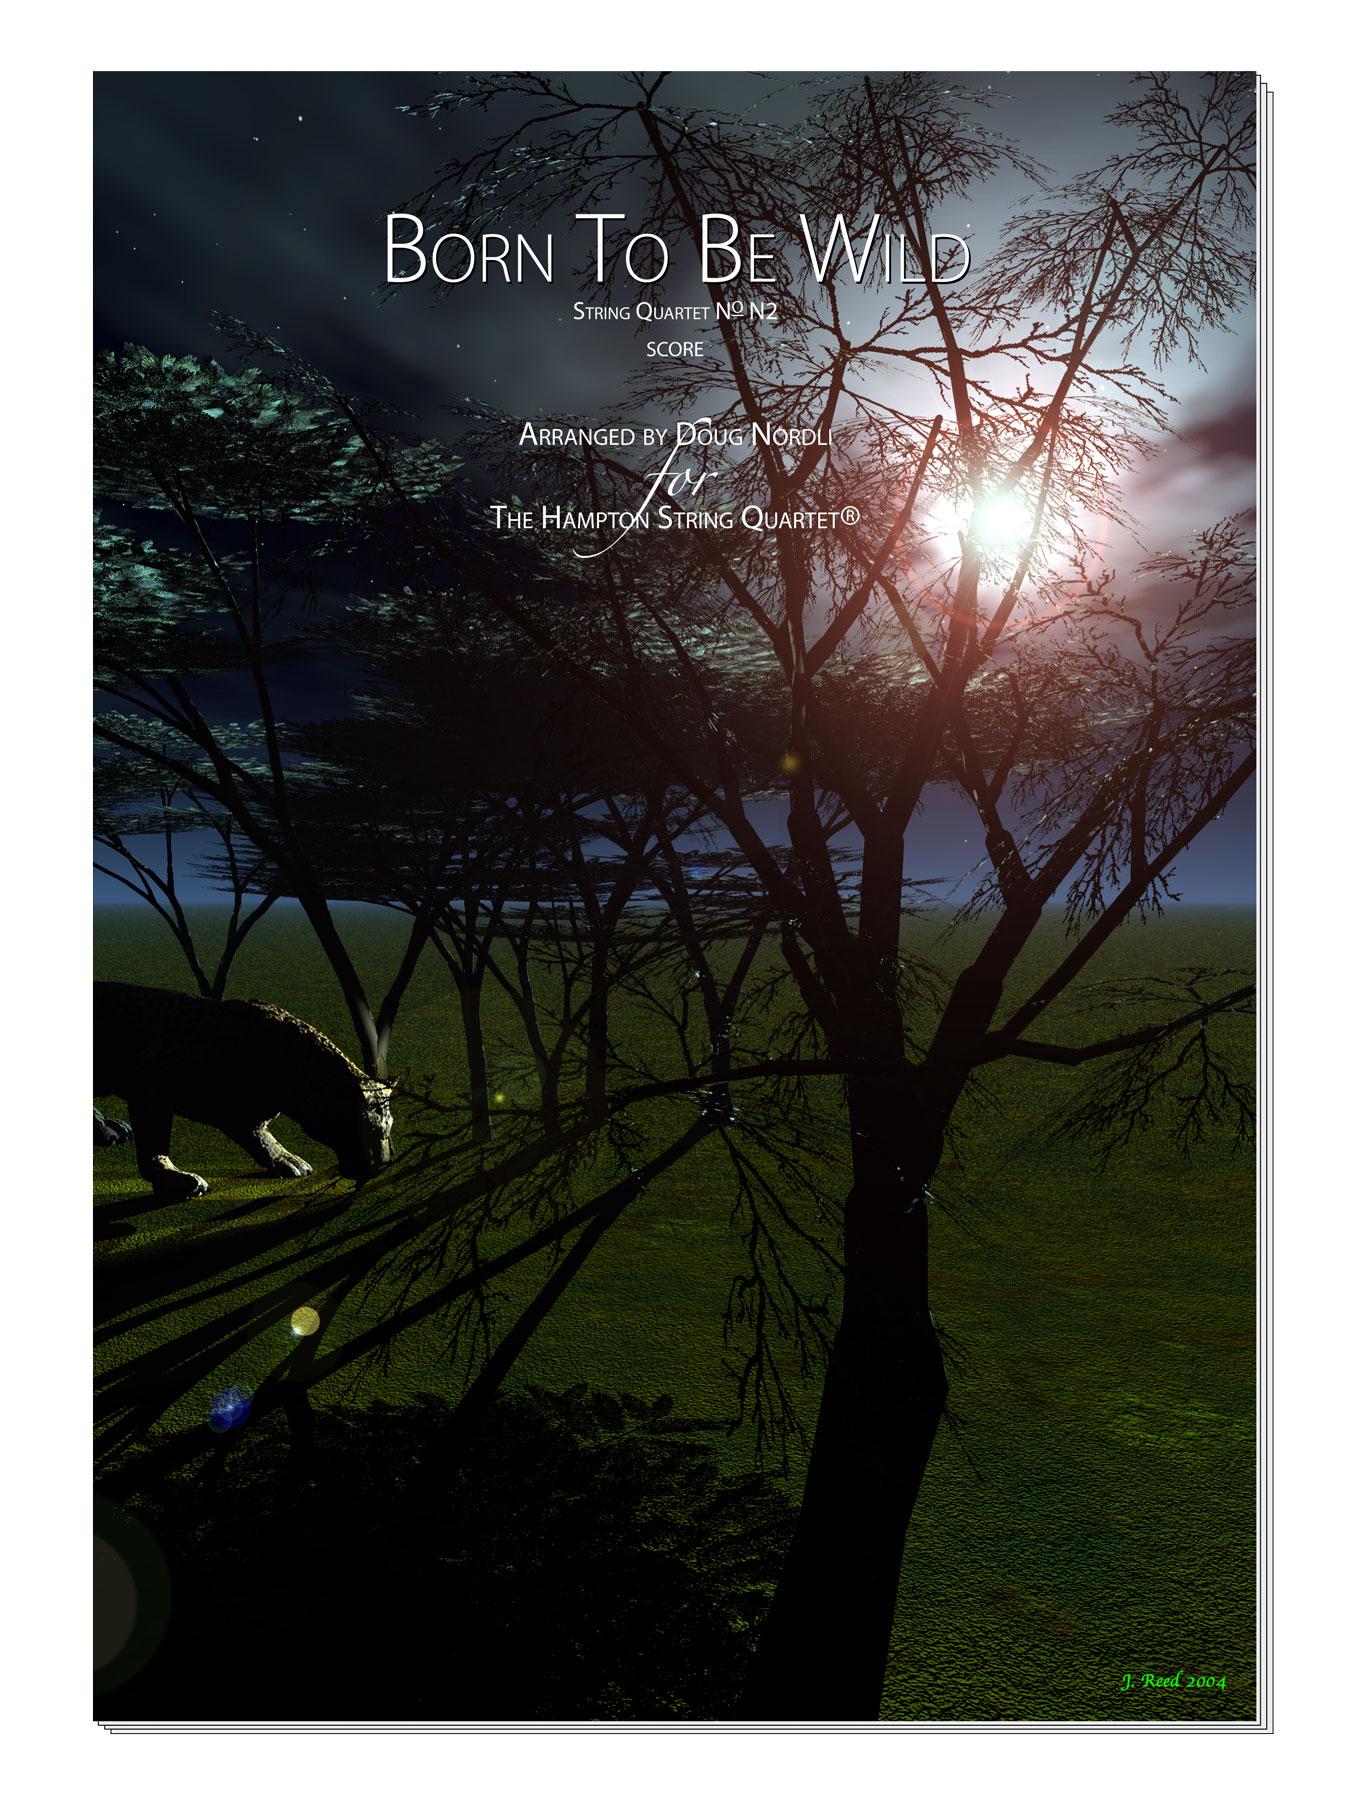 BornToBeWild.jpg